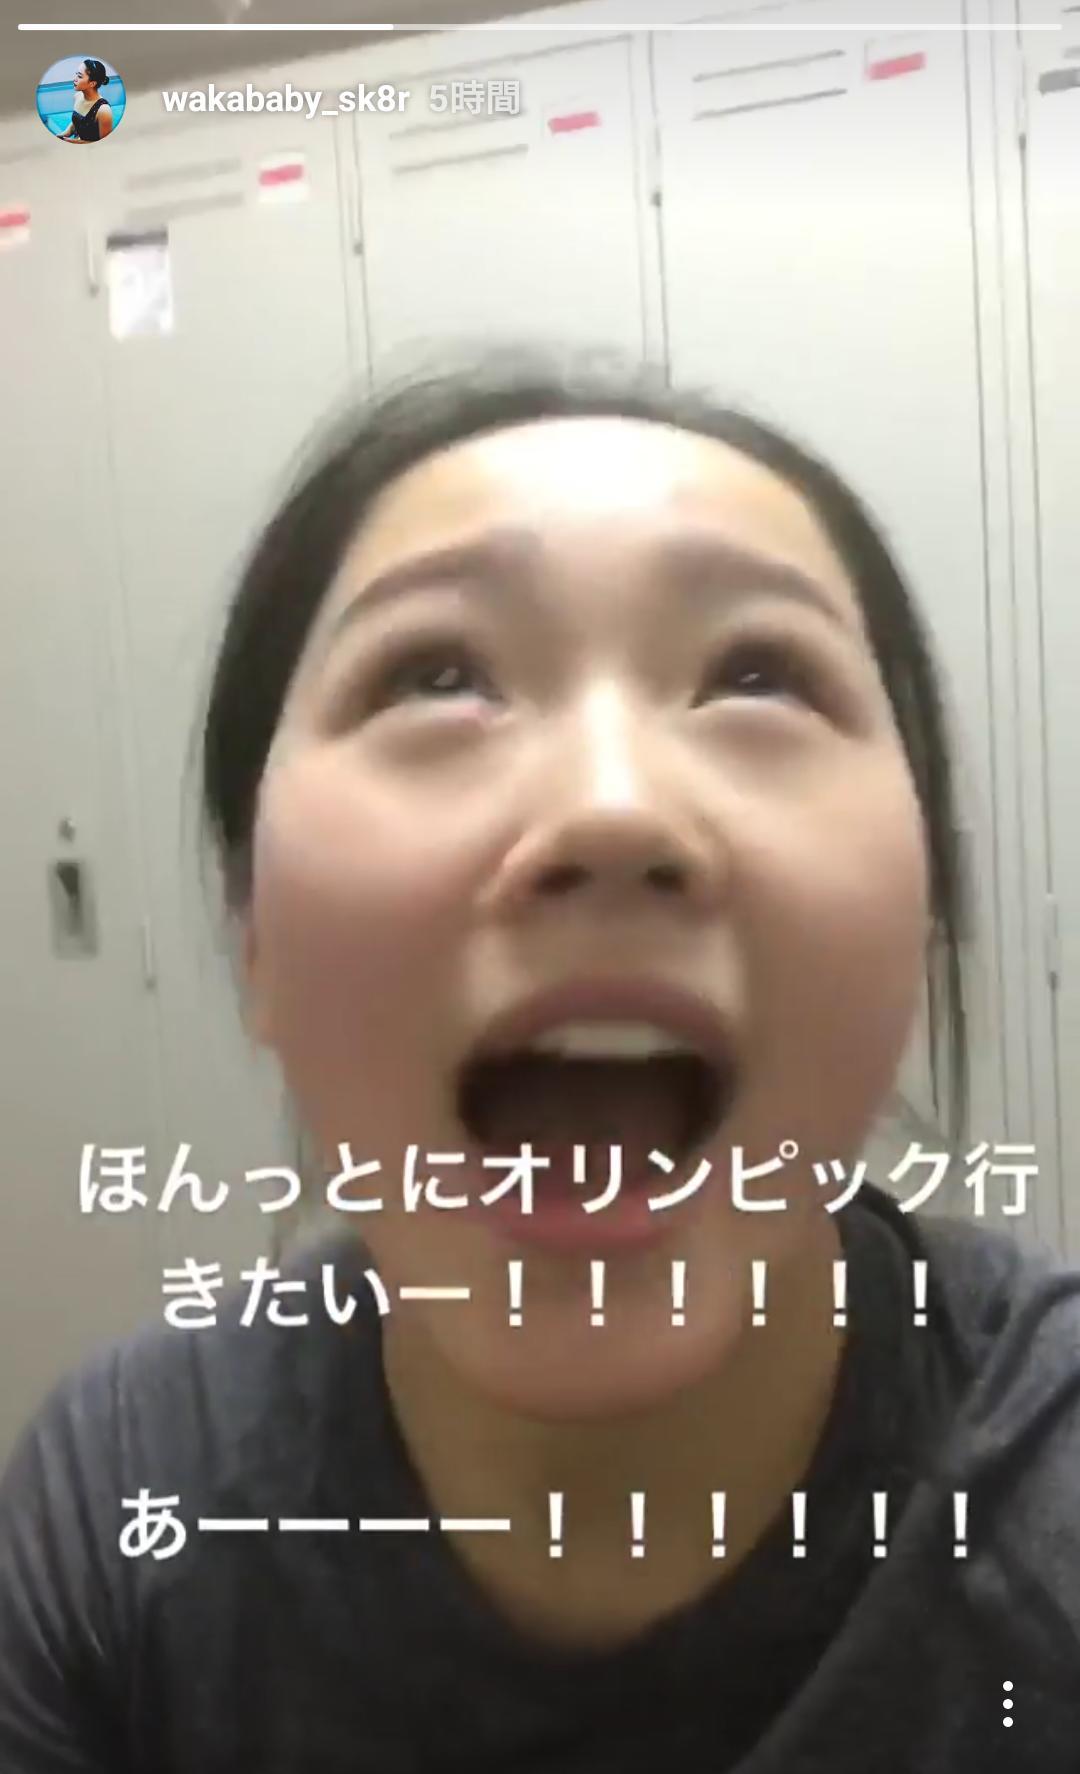 樋口新葉がオリンピックへ出場したい気持ちを率直に表現